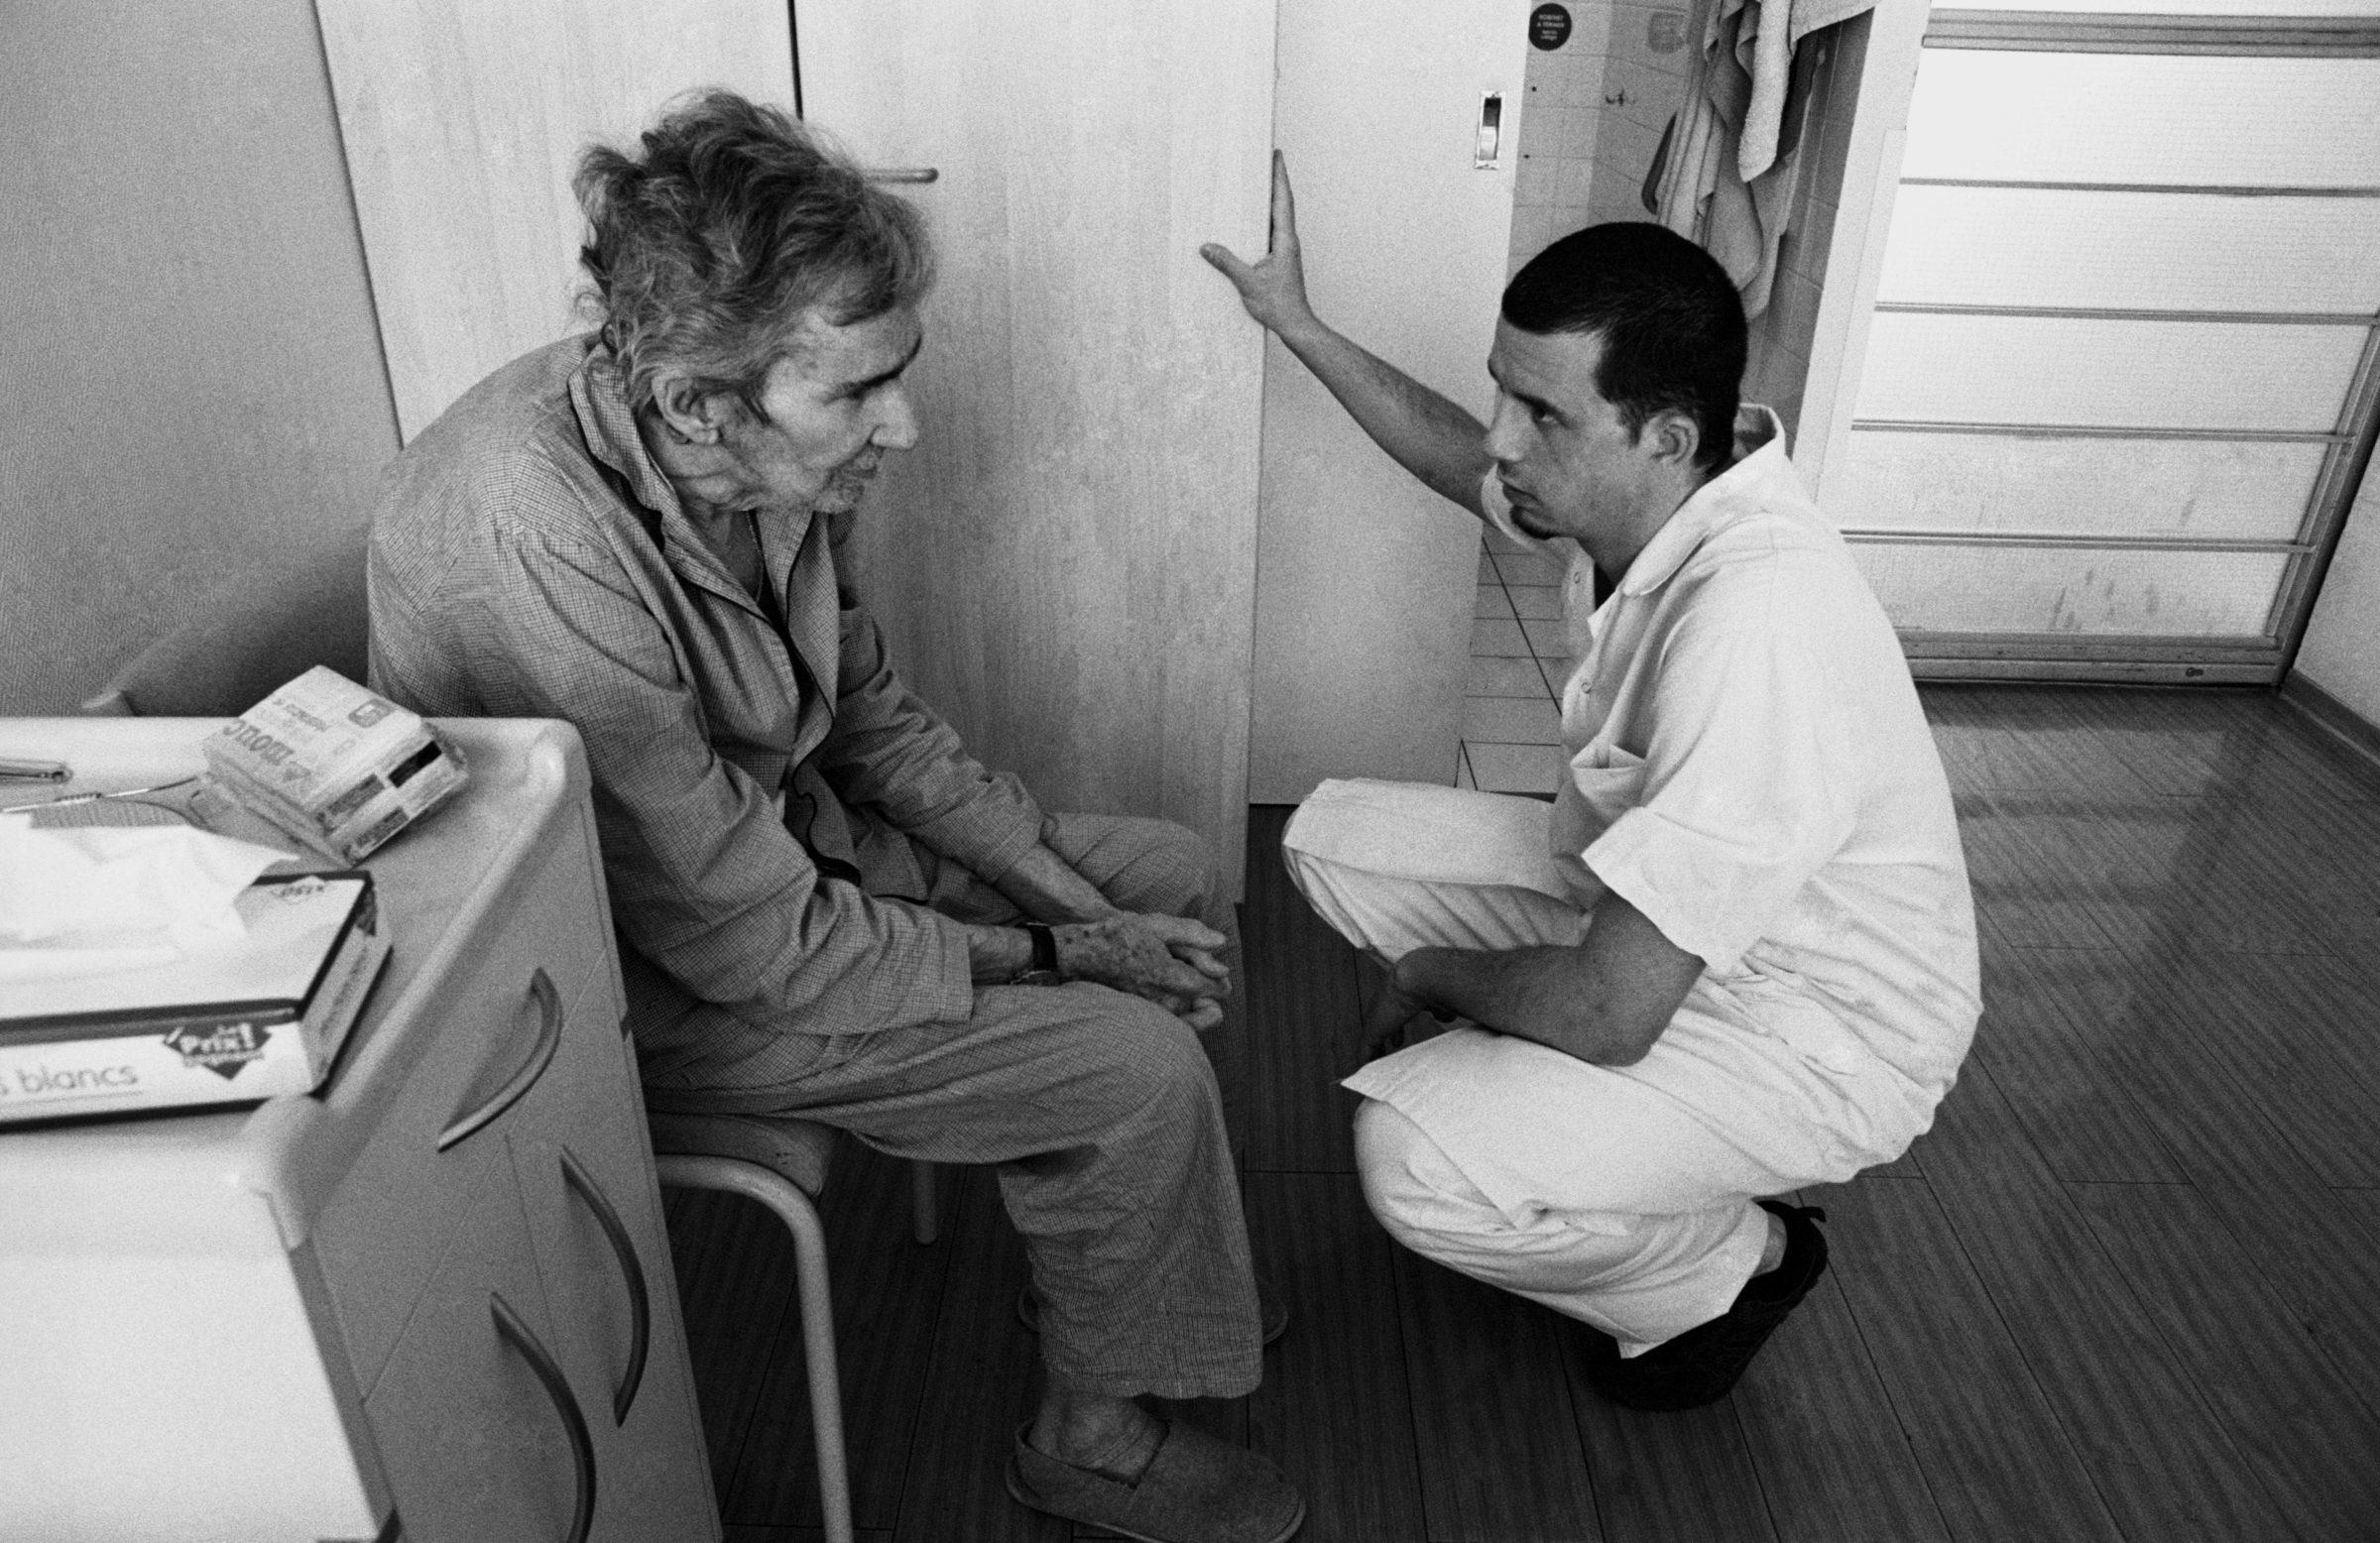 Bient t dix ans apr s l adoption de la loi leonetti quelles questions se posent concr tement les infirmiers face la question de la fin de vie